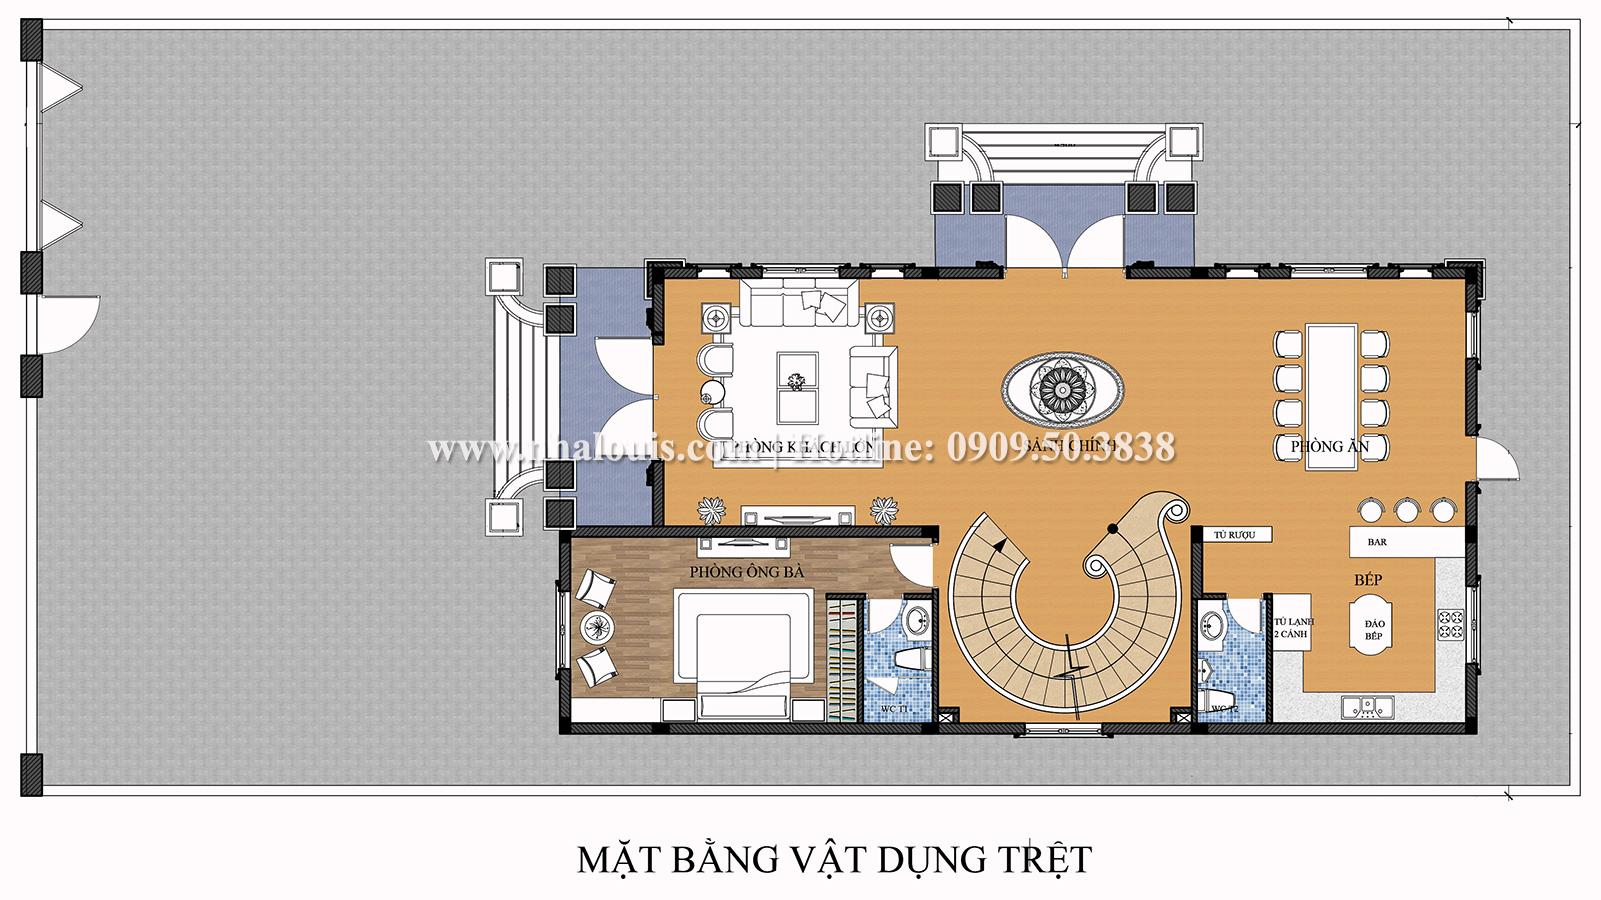 Mặt bằng tầng trệt Mẫu biệt thự 4 tầng phong cách tân cổ điển nổi bật tại Thanh Hóa - 05